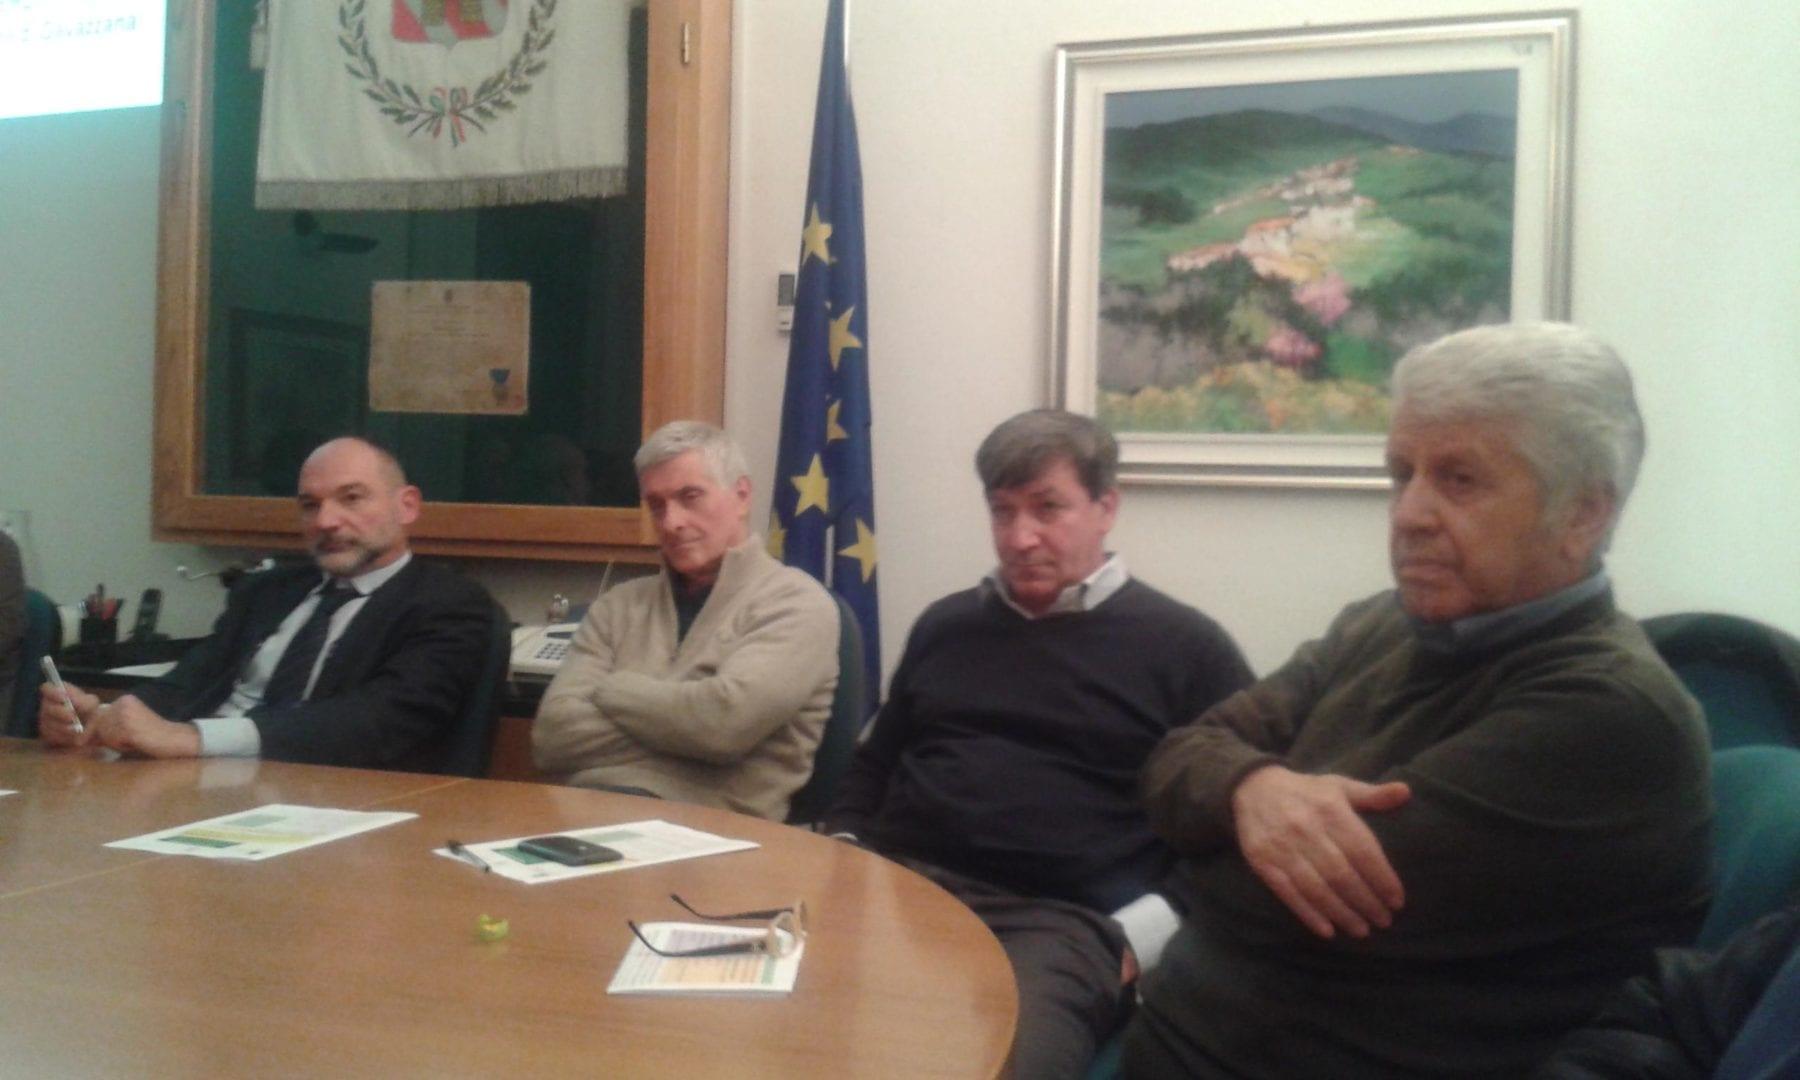 gavazzana assemblea fusione (Giancarlo Vaccari primo da destra)